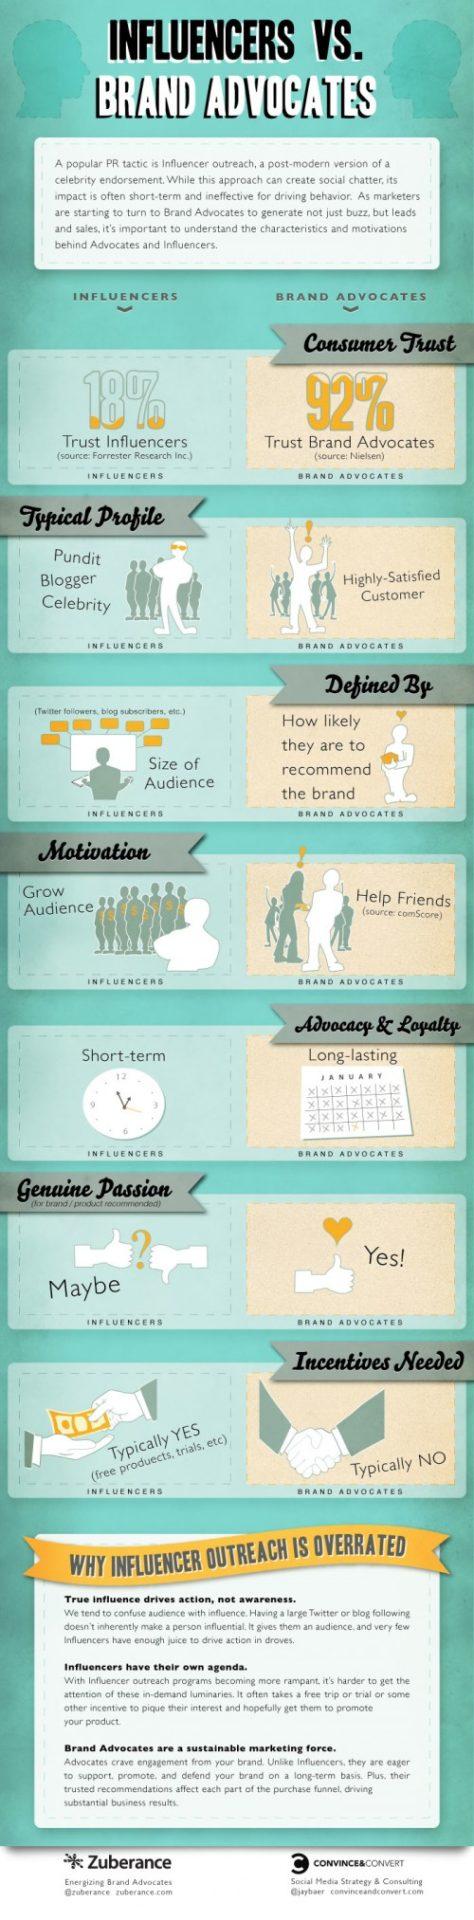 Influencers versus Advocates e1341838167537 Social Media Influencers versus Brand Advocates Infographic